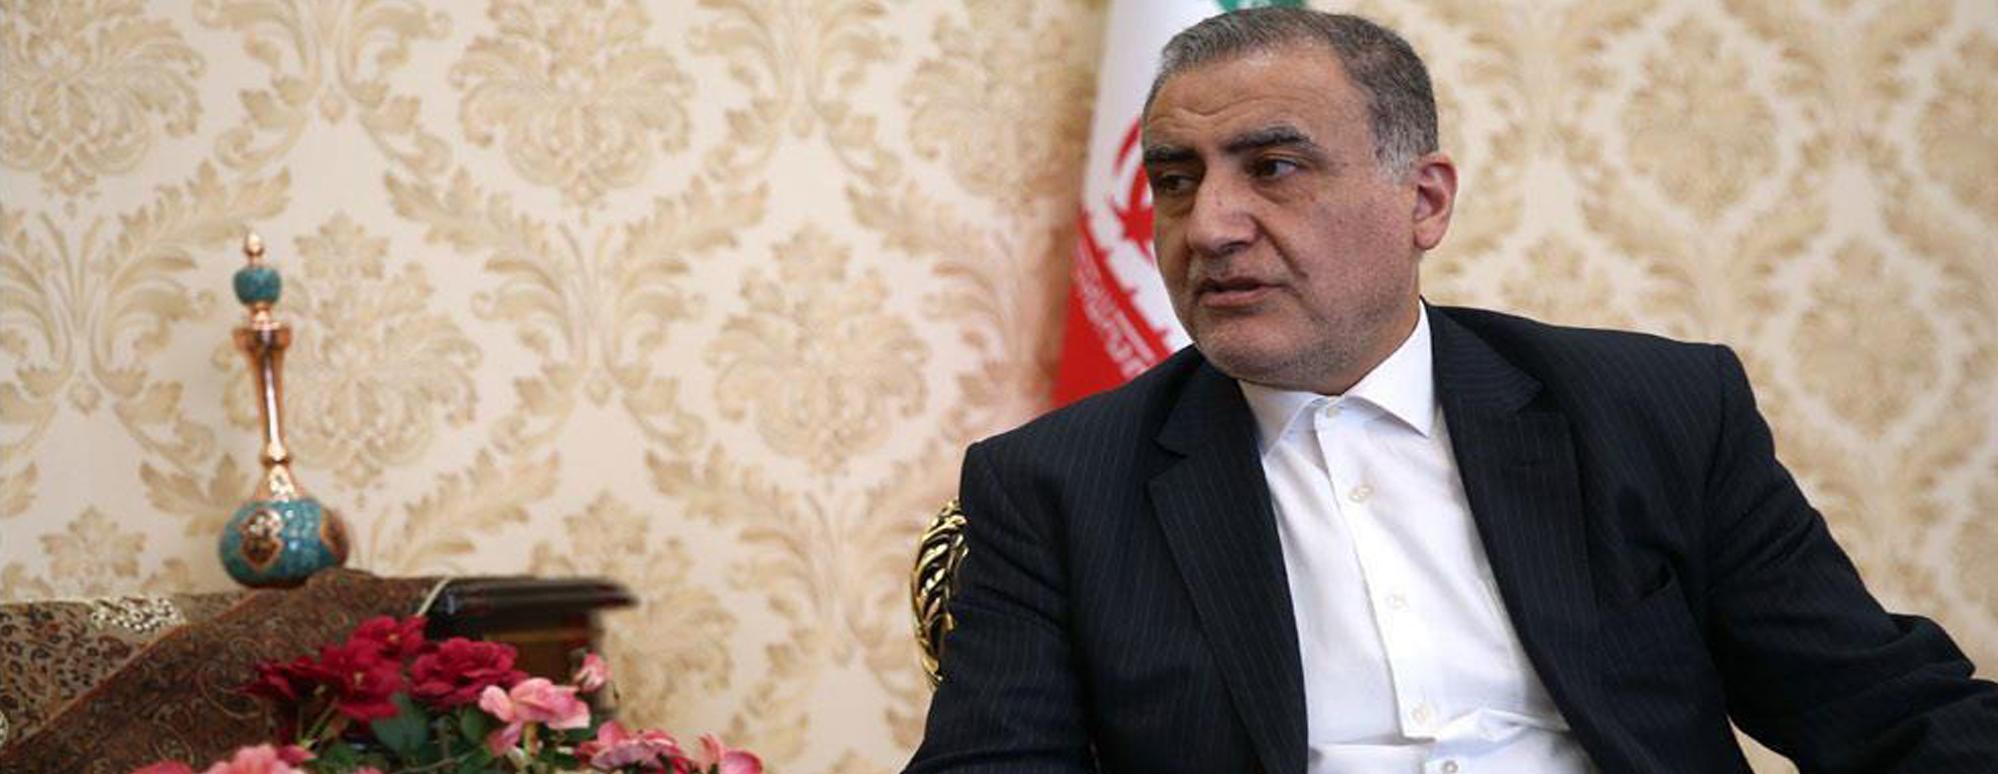 Иранский депутат заявил о заинтересованности Тегерана в покупке российского вооружения